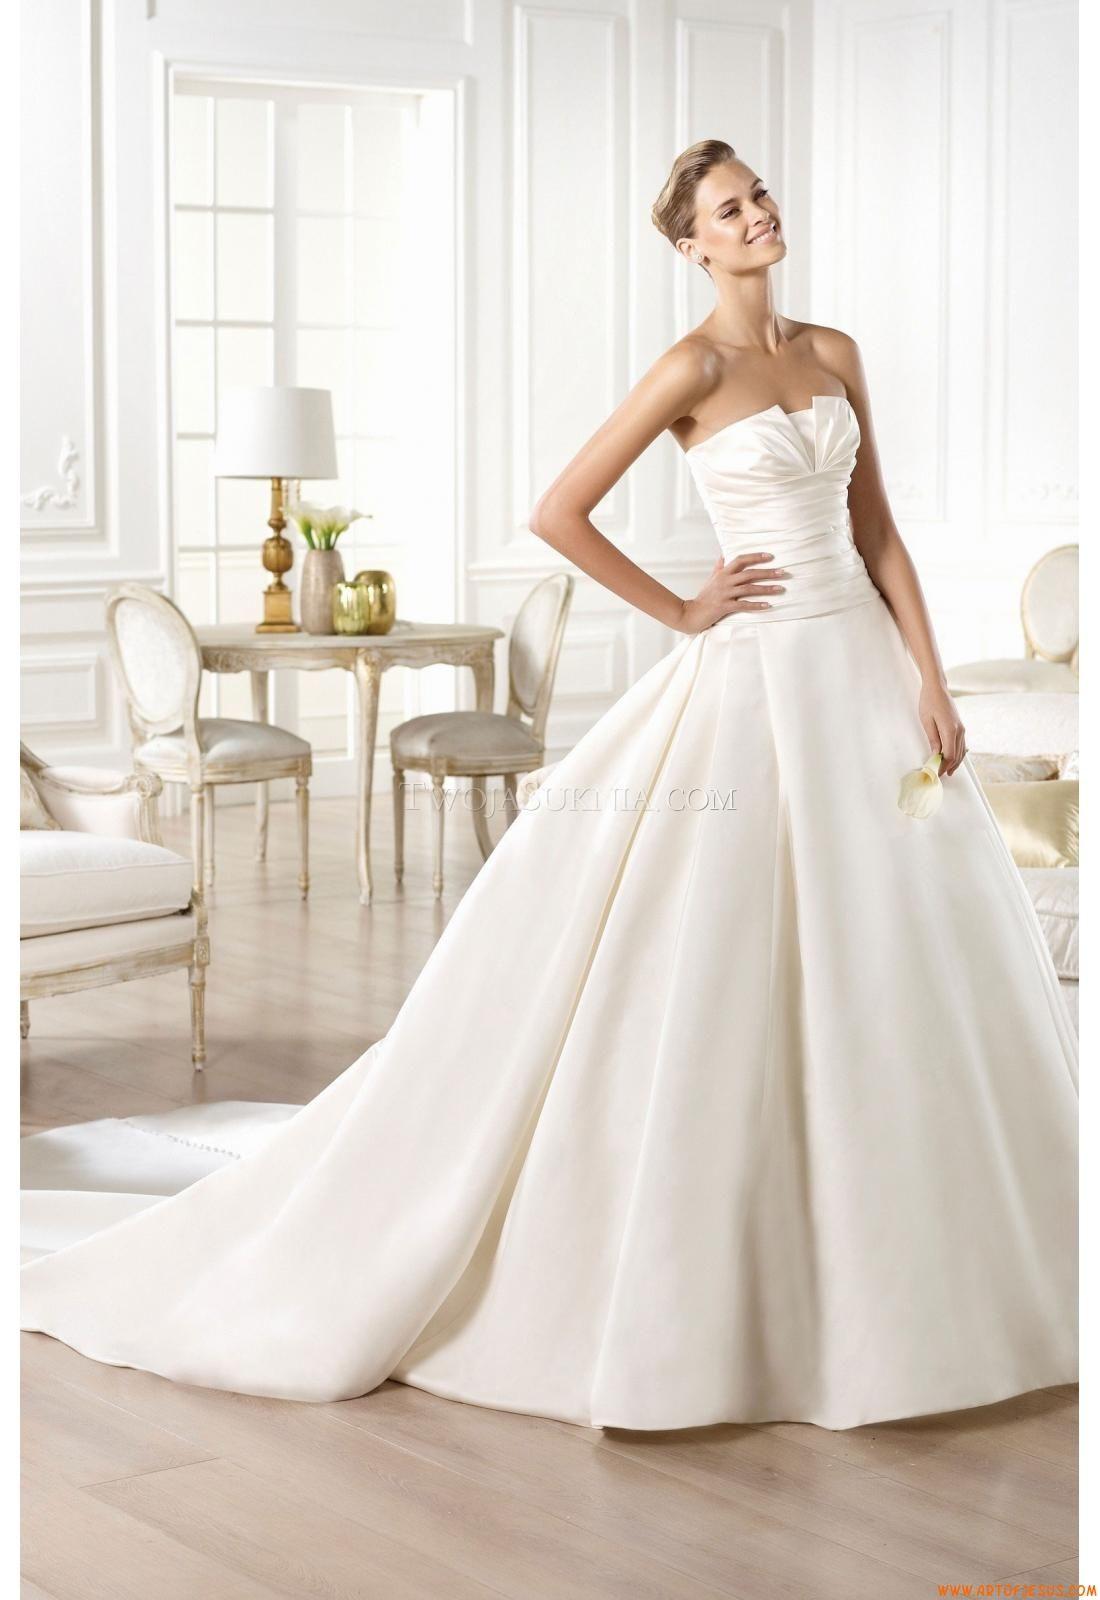 Pronovias Collection 2015 Glamour: GEORGIA Size 2 Wedding Dress ...